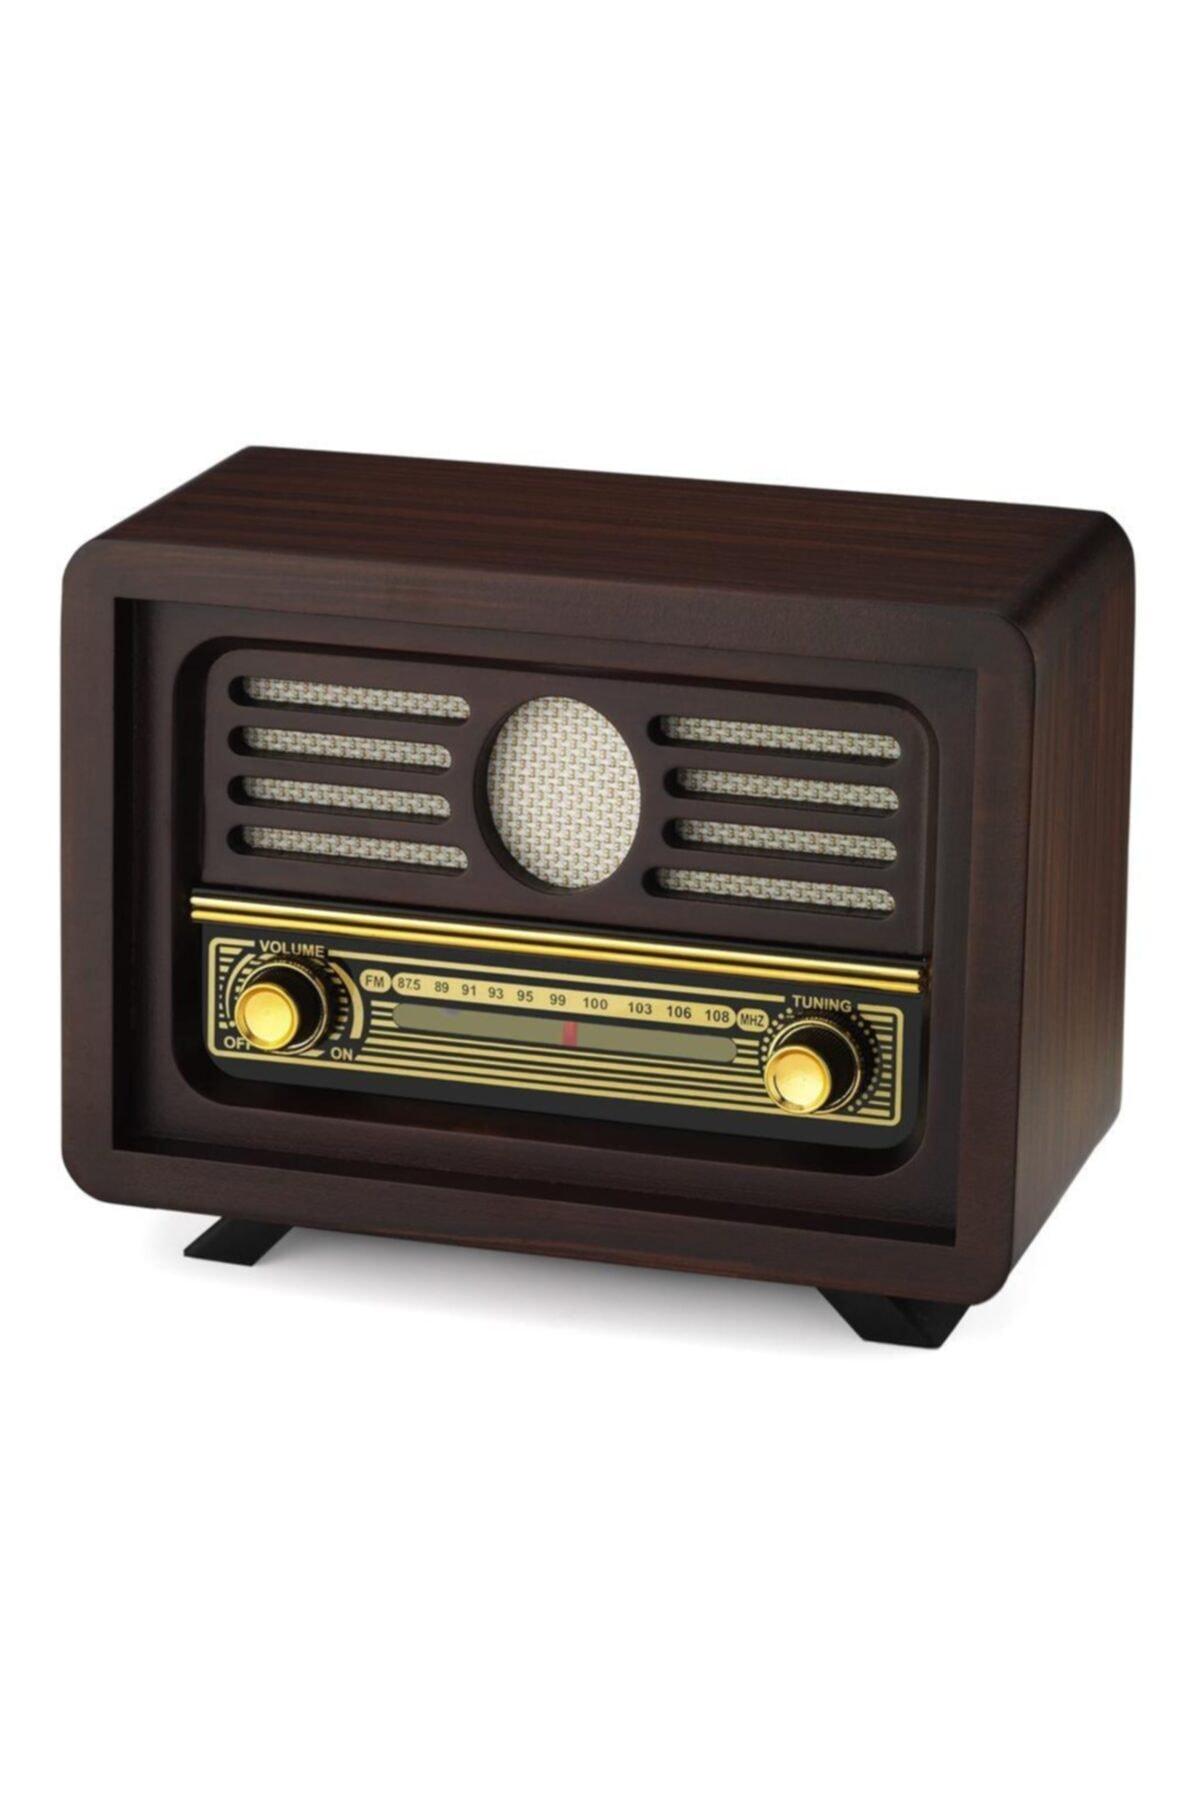 ENİ MOBİLYA AKSESUAR Üsküdar Radyo Ceviz Bluetooth-usb-manuel Radyo-sd  Card-aux-şarj Edilebilir Pil Fiyatı, Yorumları - TRENDYOL